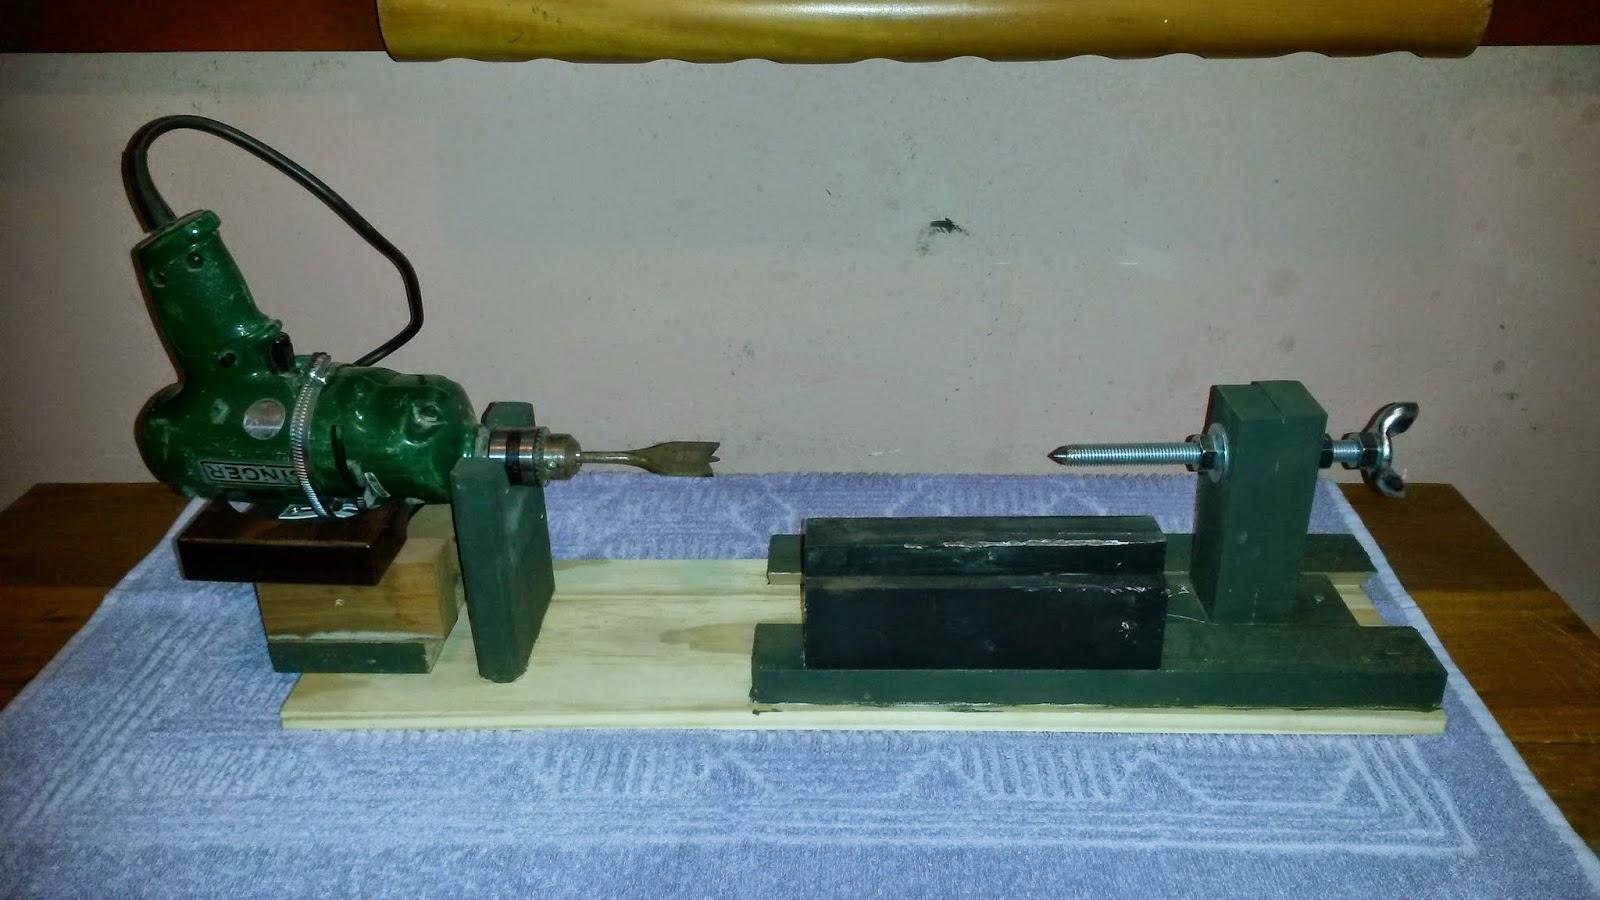 de bancada e que construí esse mini torno para madeira #5C4D21 1600x900